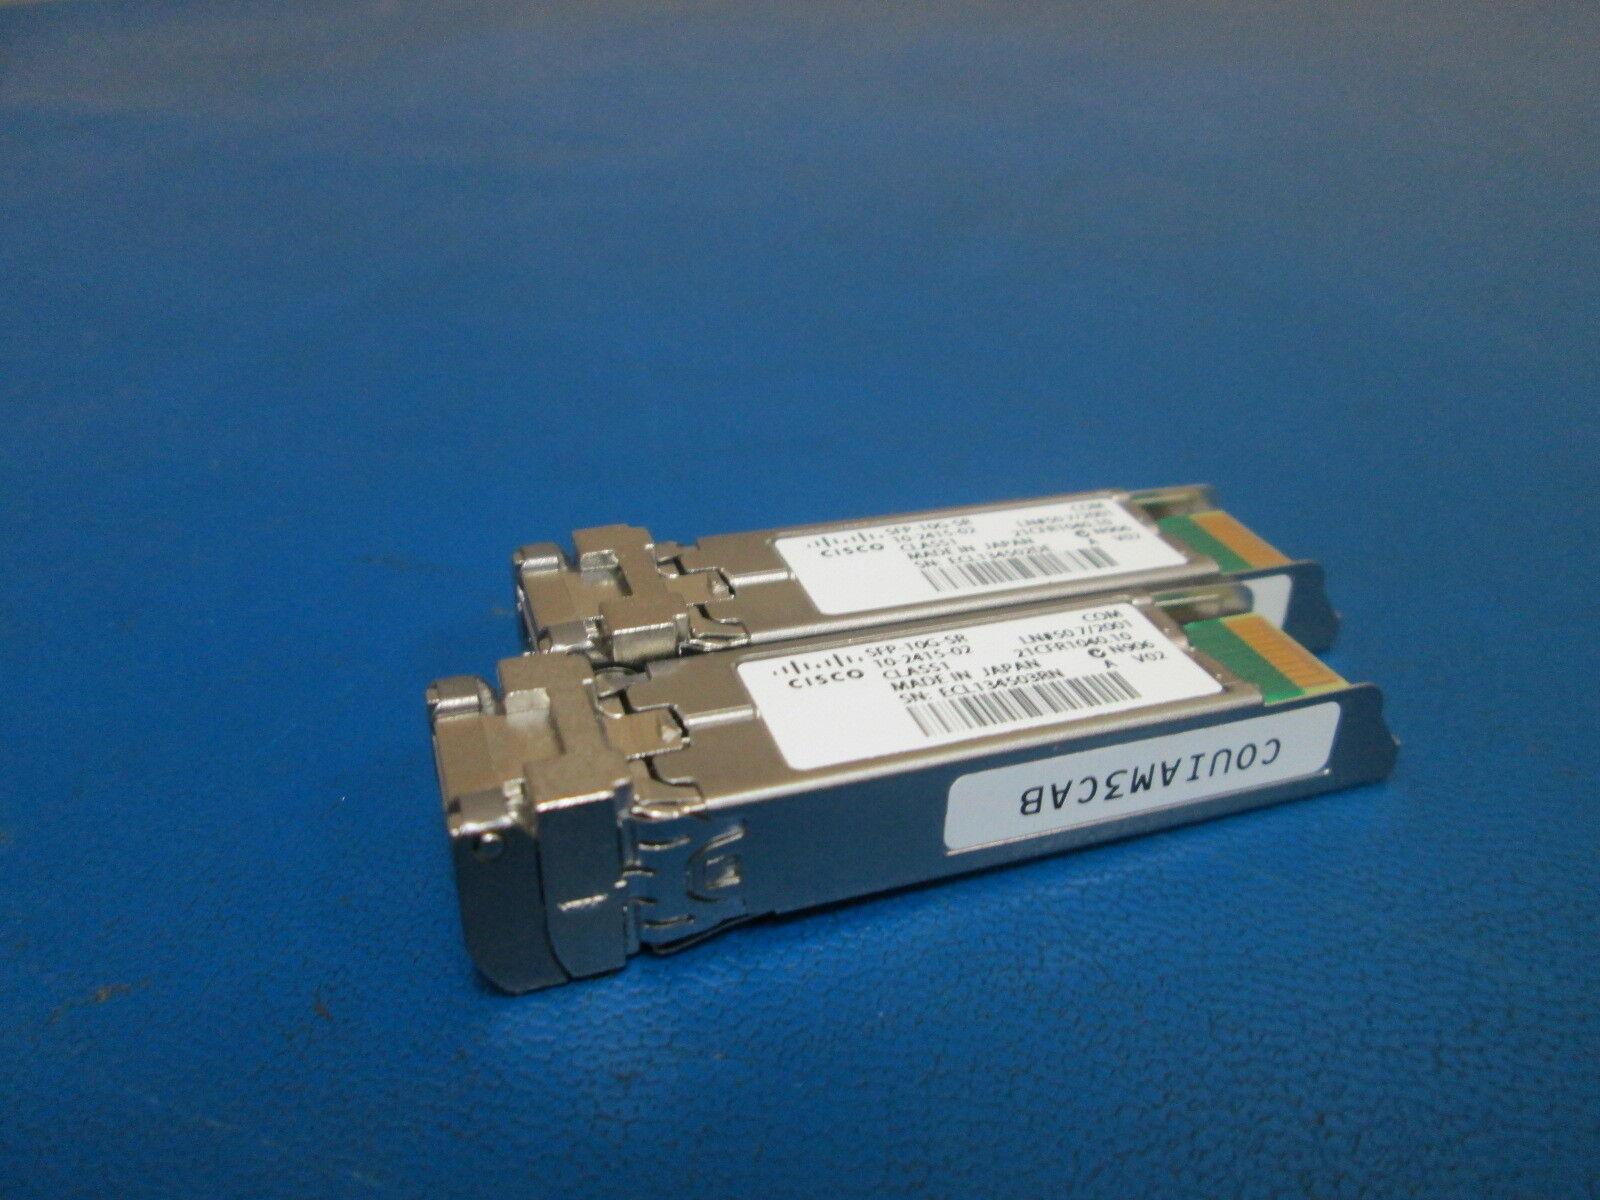 Lot of 2 CISCO SFP-10G-SR - SFP Module P N 10-2415-02